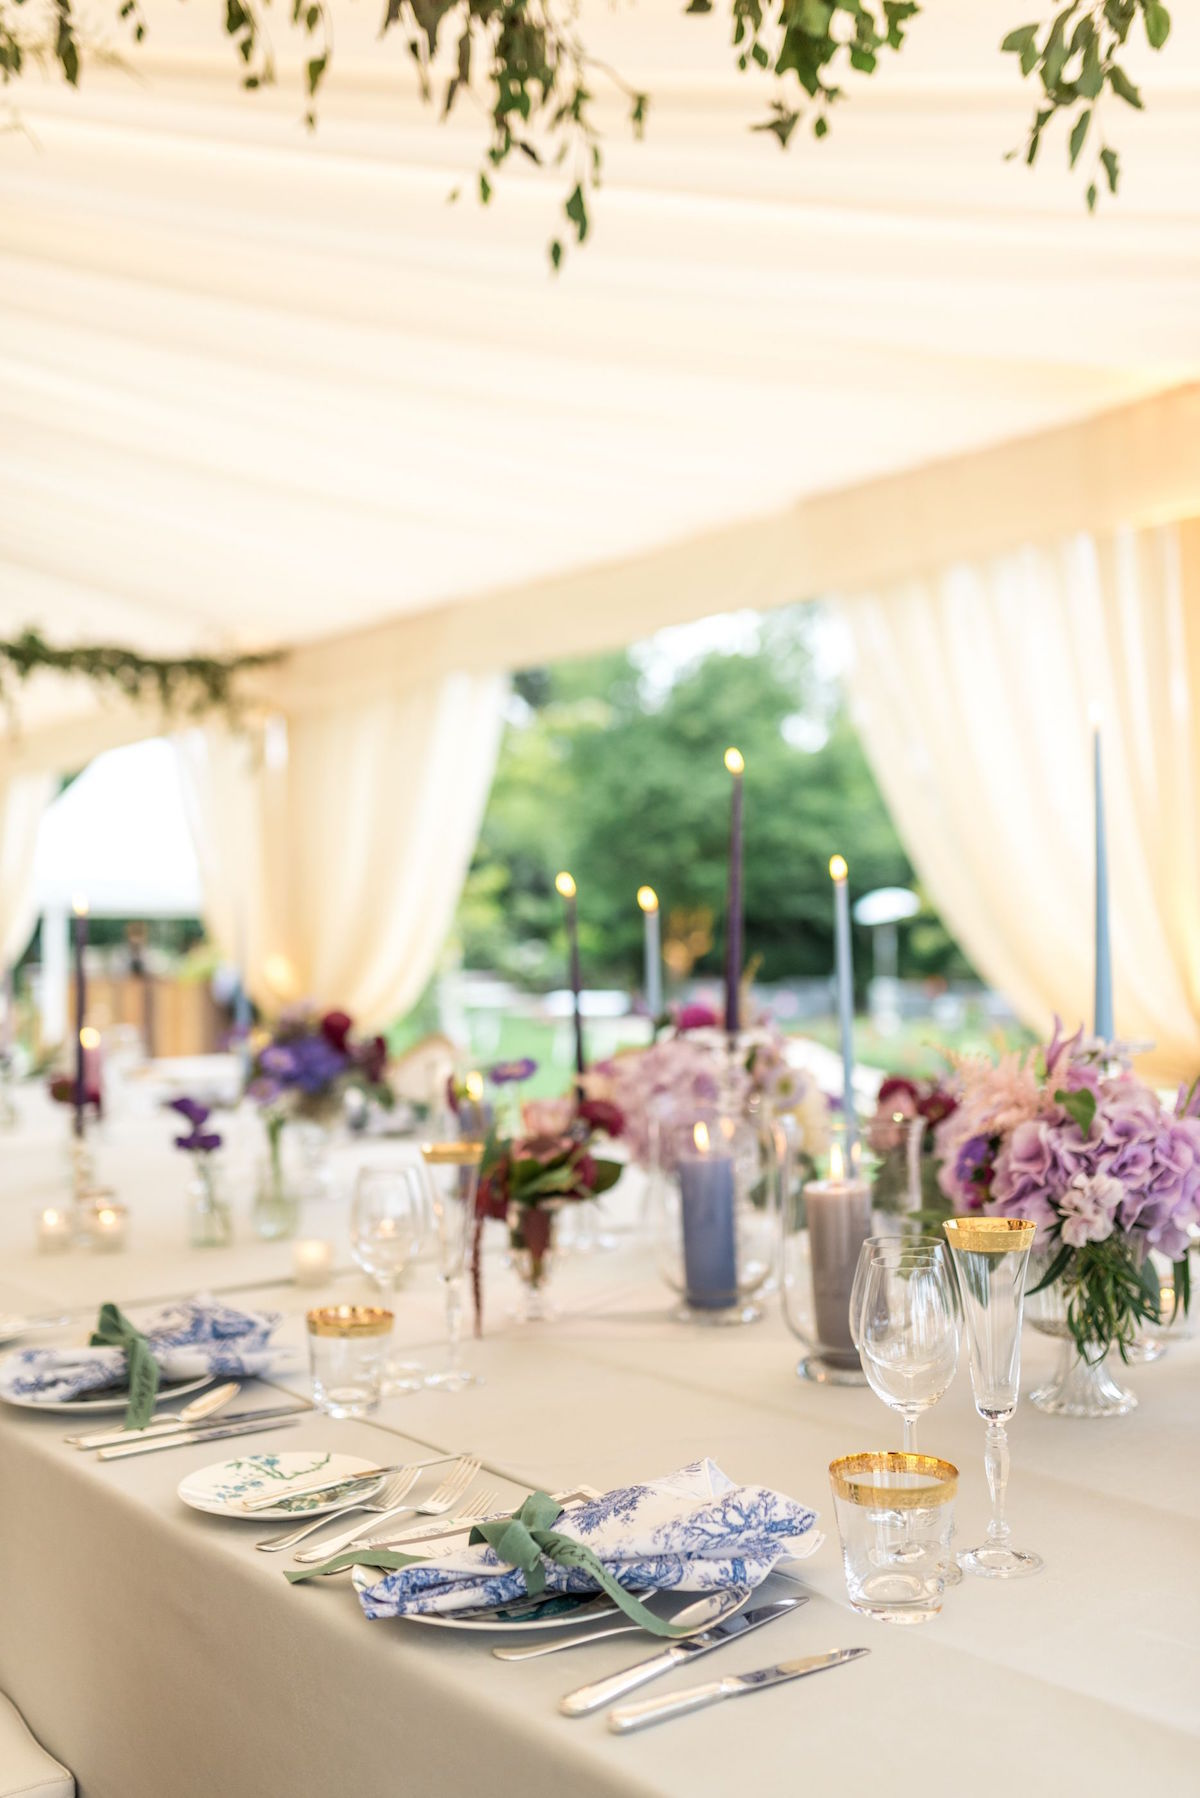 pastel reception décor with toile napkins